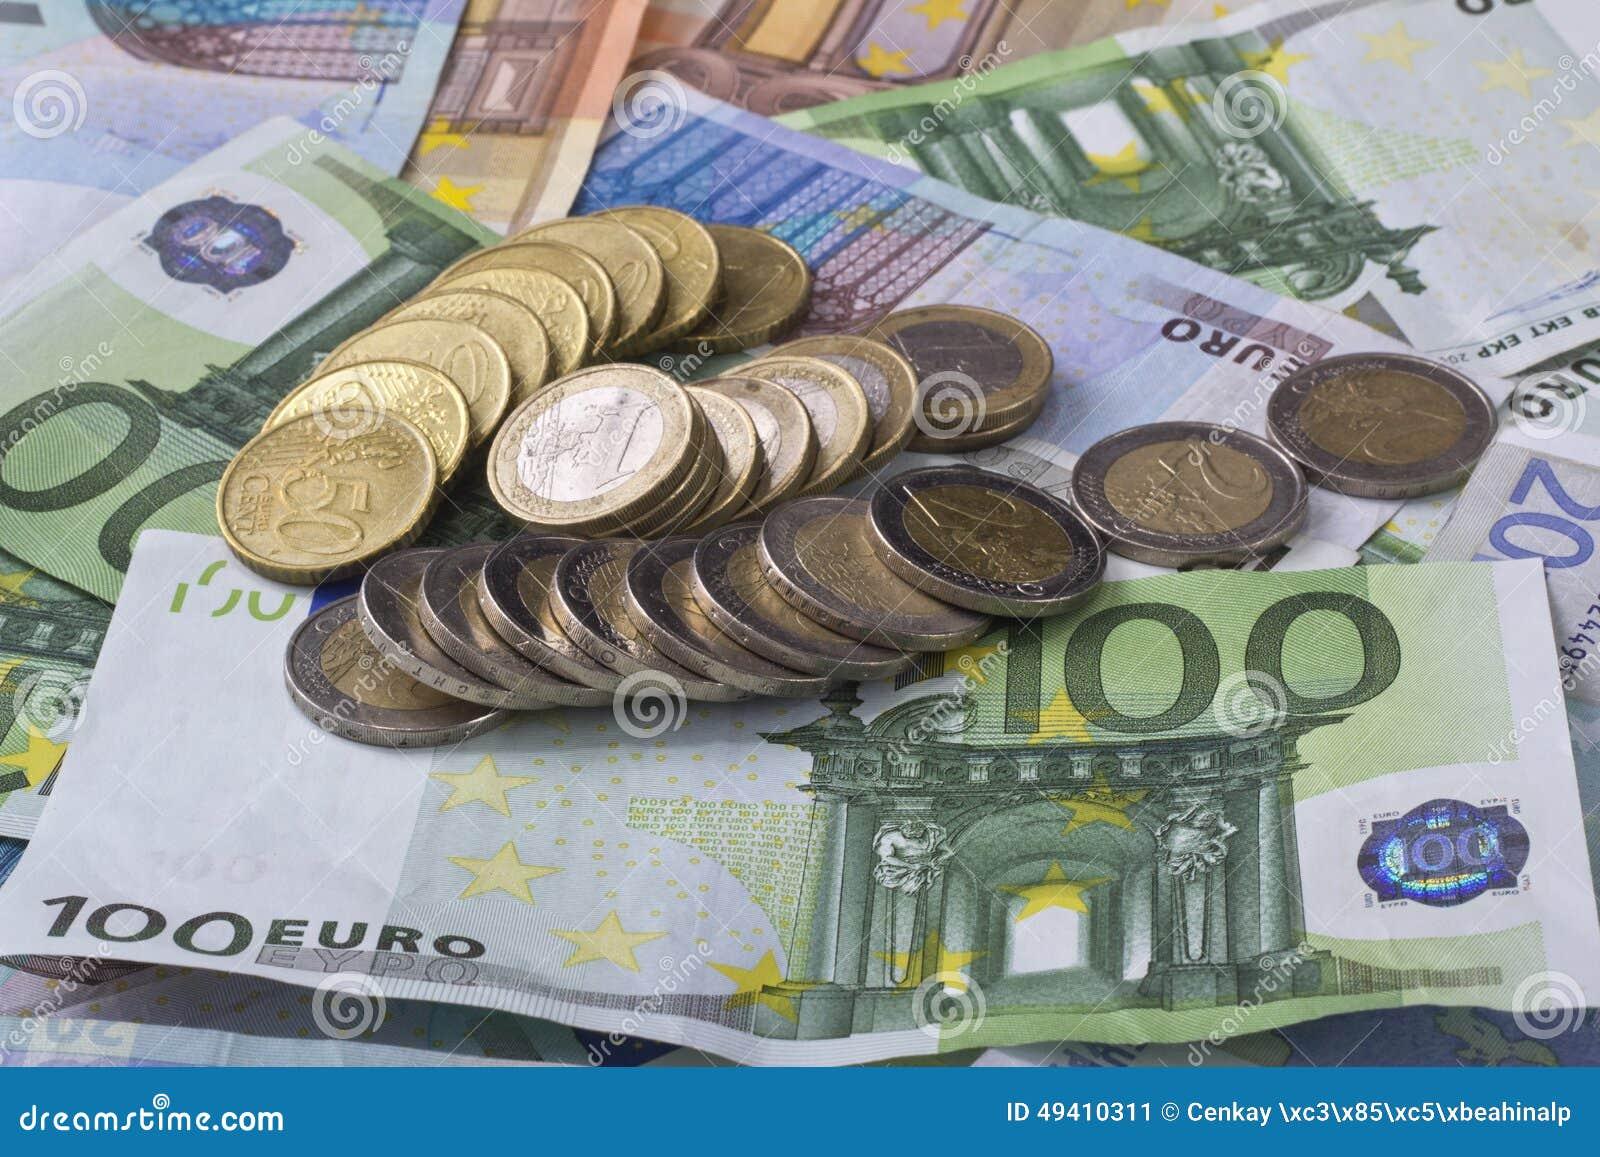 Download Eurobanknoten über Weiß stockbild. Bild von rechnung - 49410311